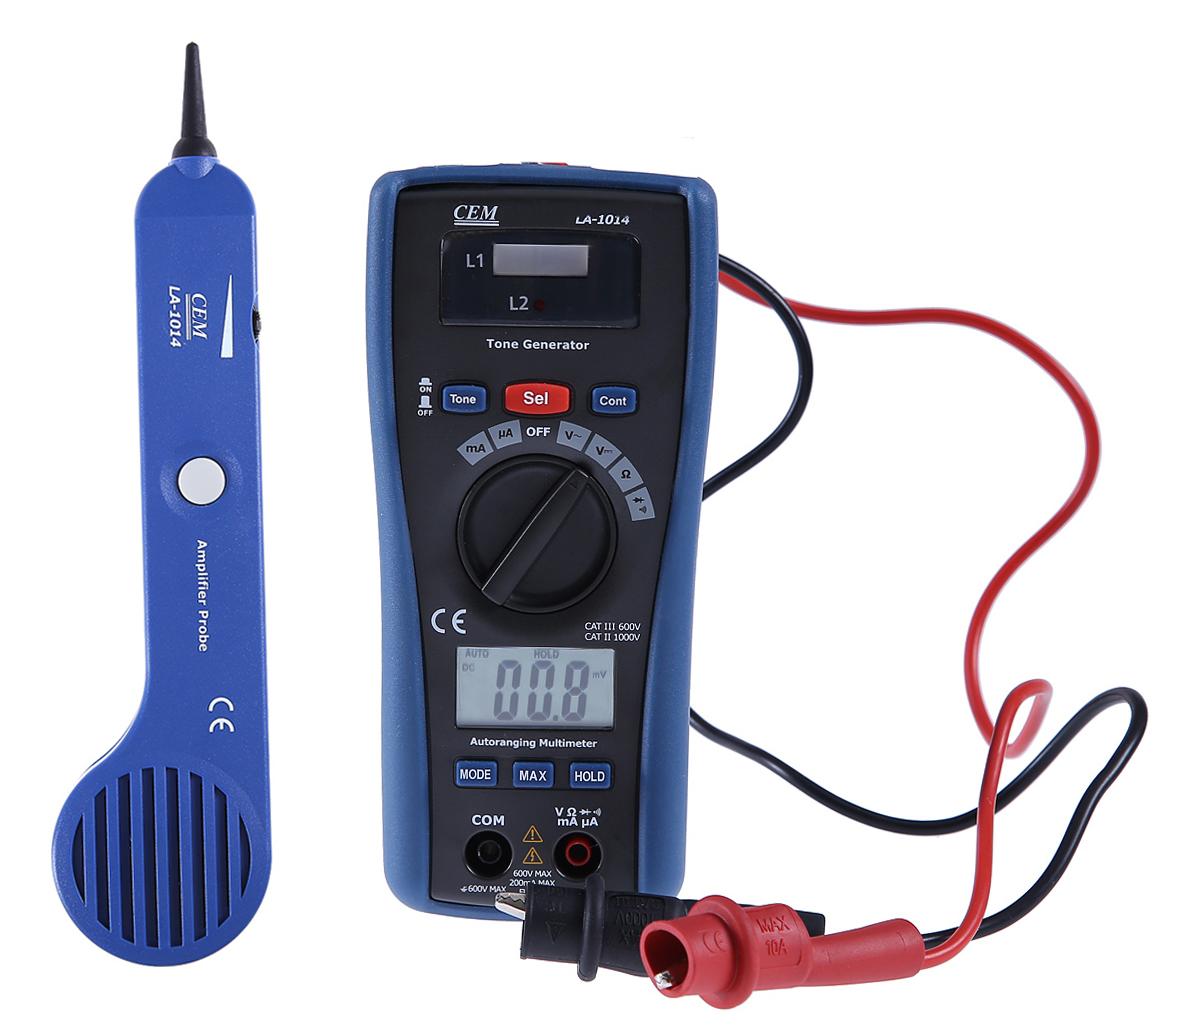 Детектор Cem La-1014 mc2 игрушечный детектор лжи